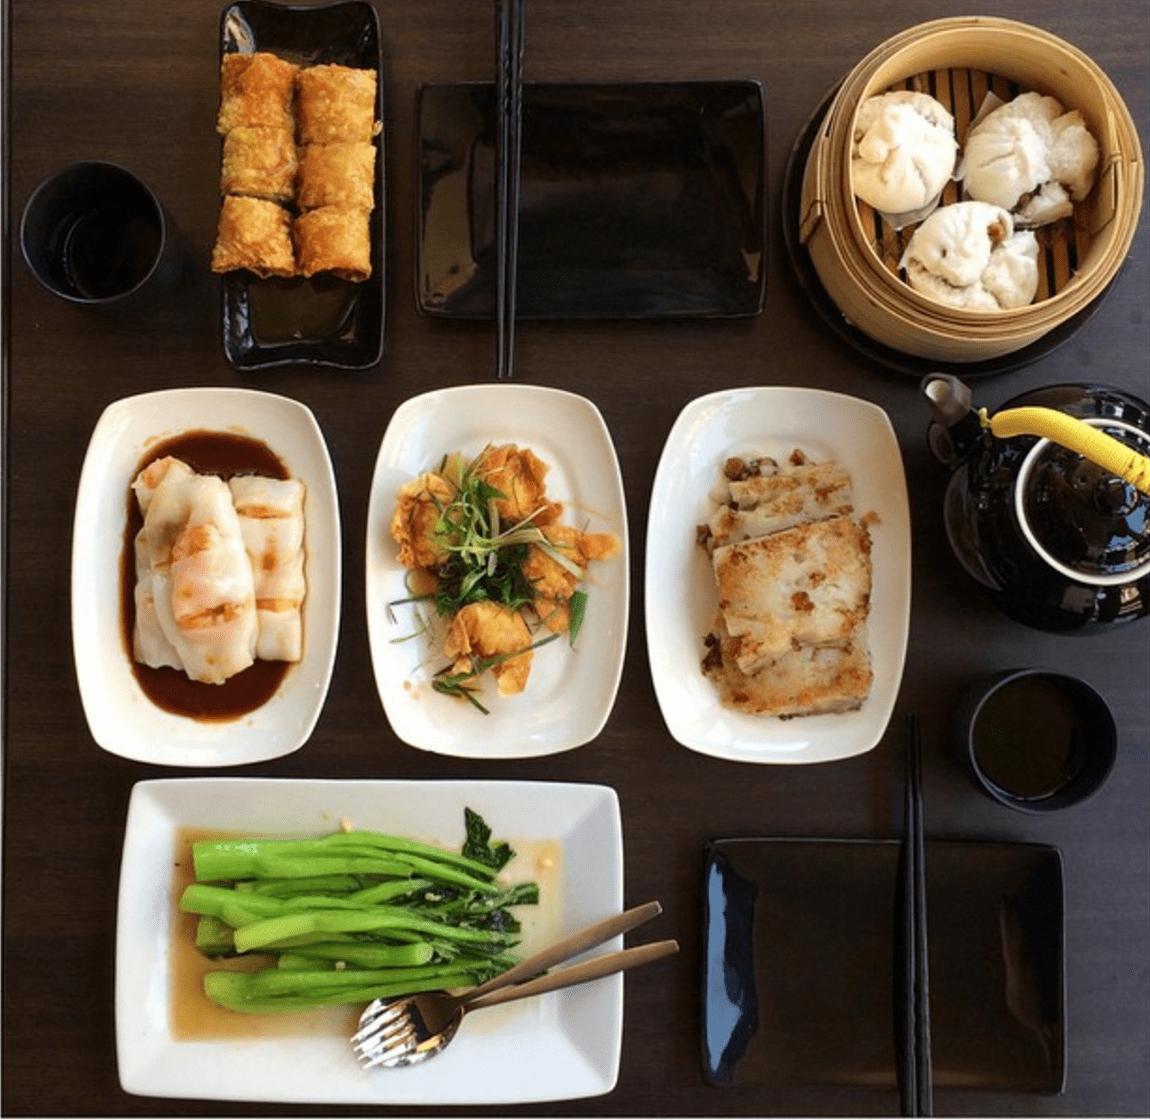 Screen Shot 2016 01 02 at 12.56.56 PM - Dim Sum restaurants, wat zijn mijn favorieten?